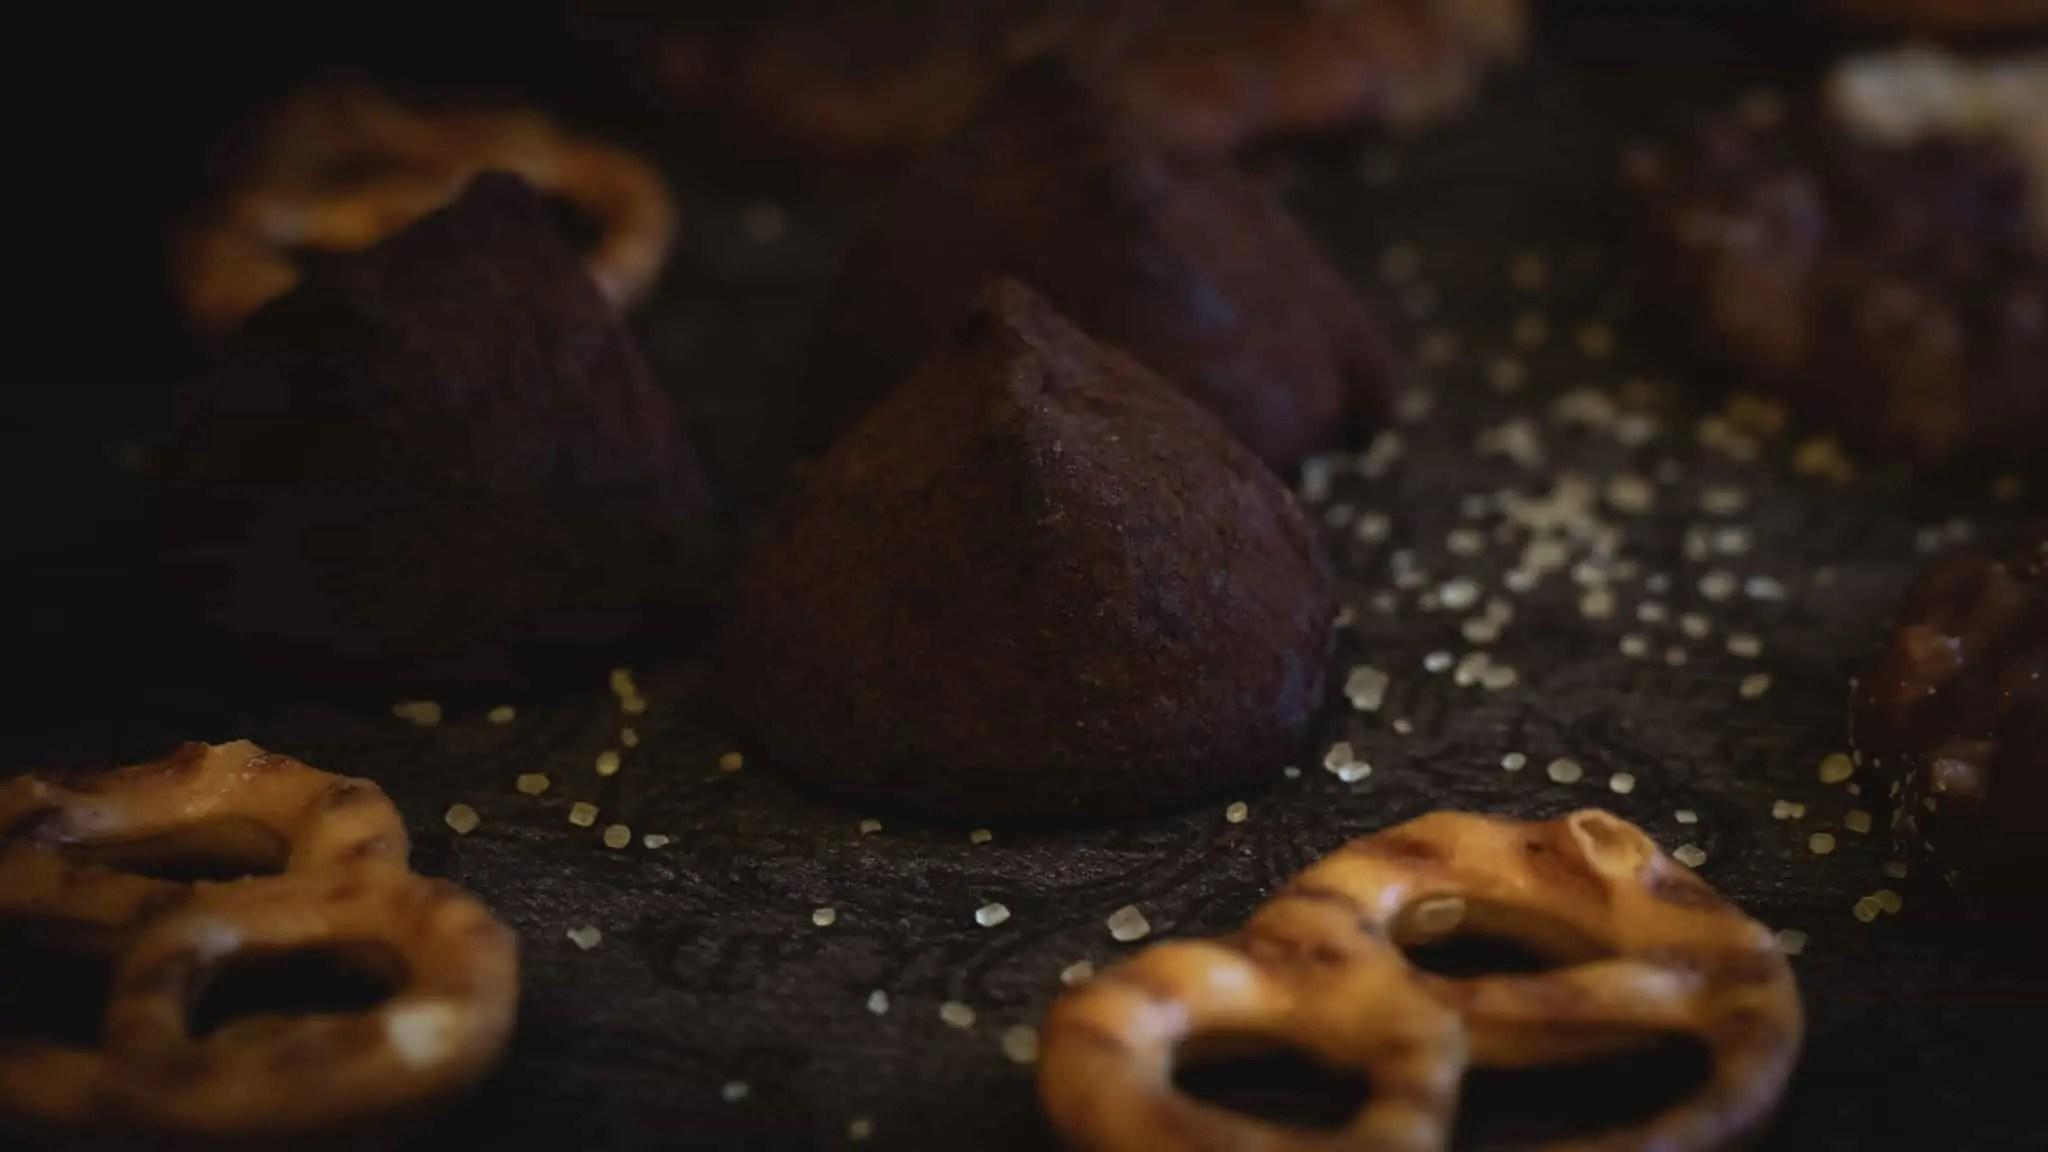 Czarna fotografia jedzenia czekolada precelki i ciastka 6 scaled - Czarna fotografia jedzenia